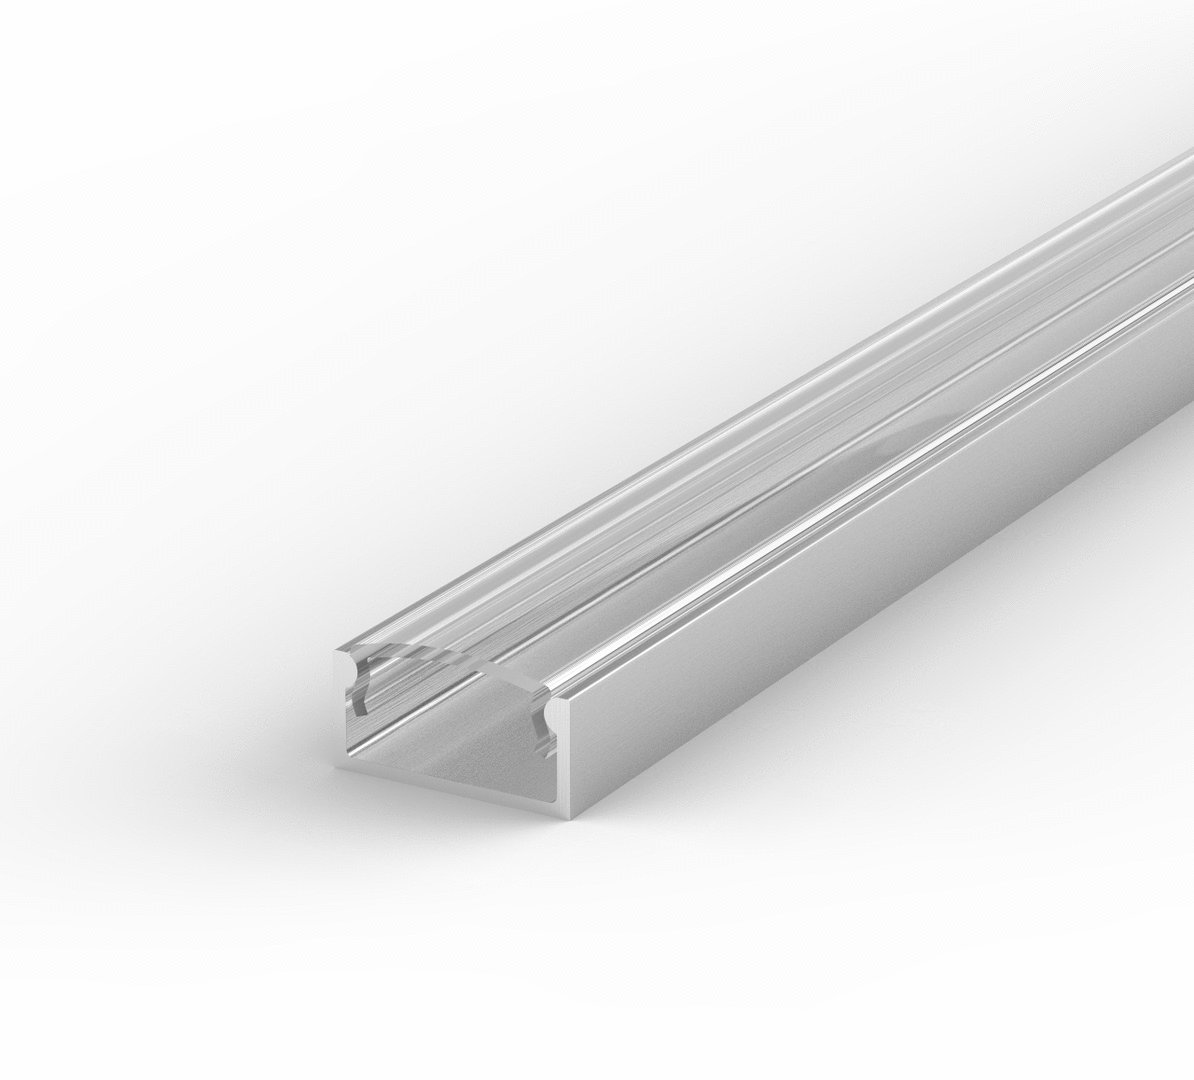 SET: LED Profil, 100cm Profil LED für LED Streifen, led profil + ...